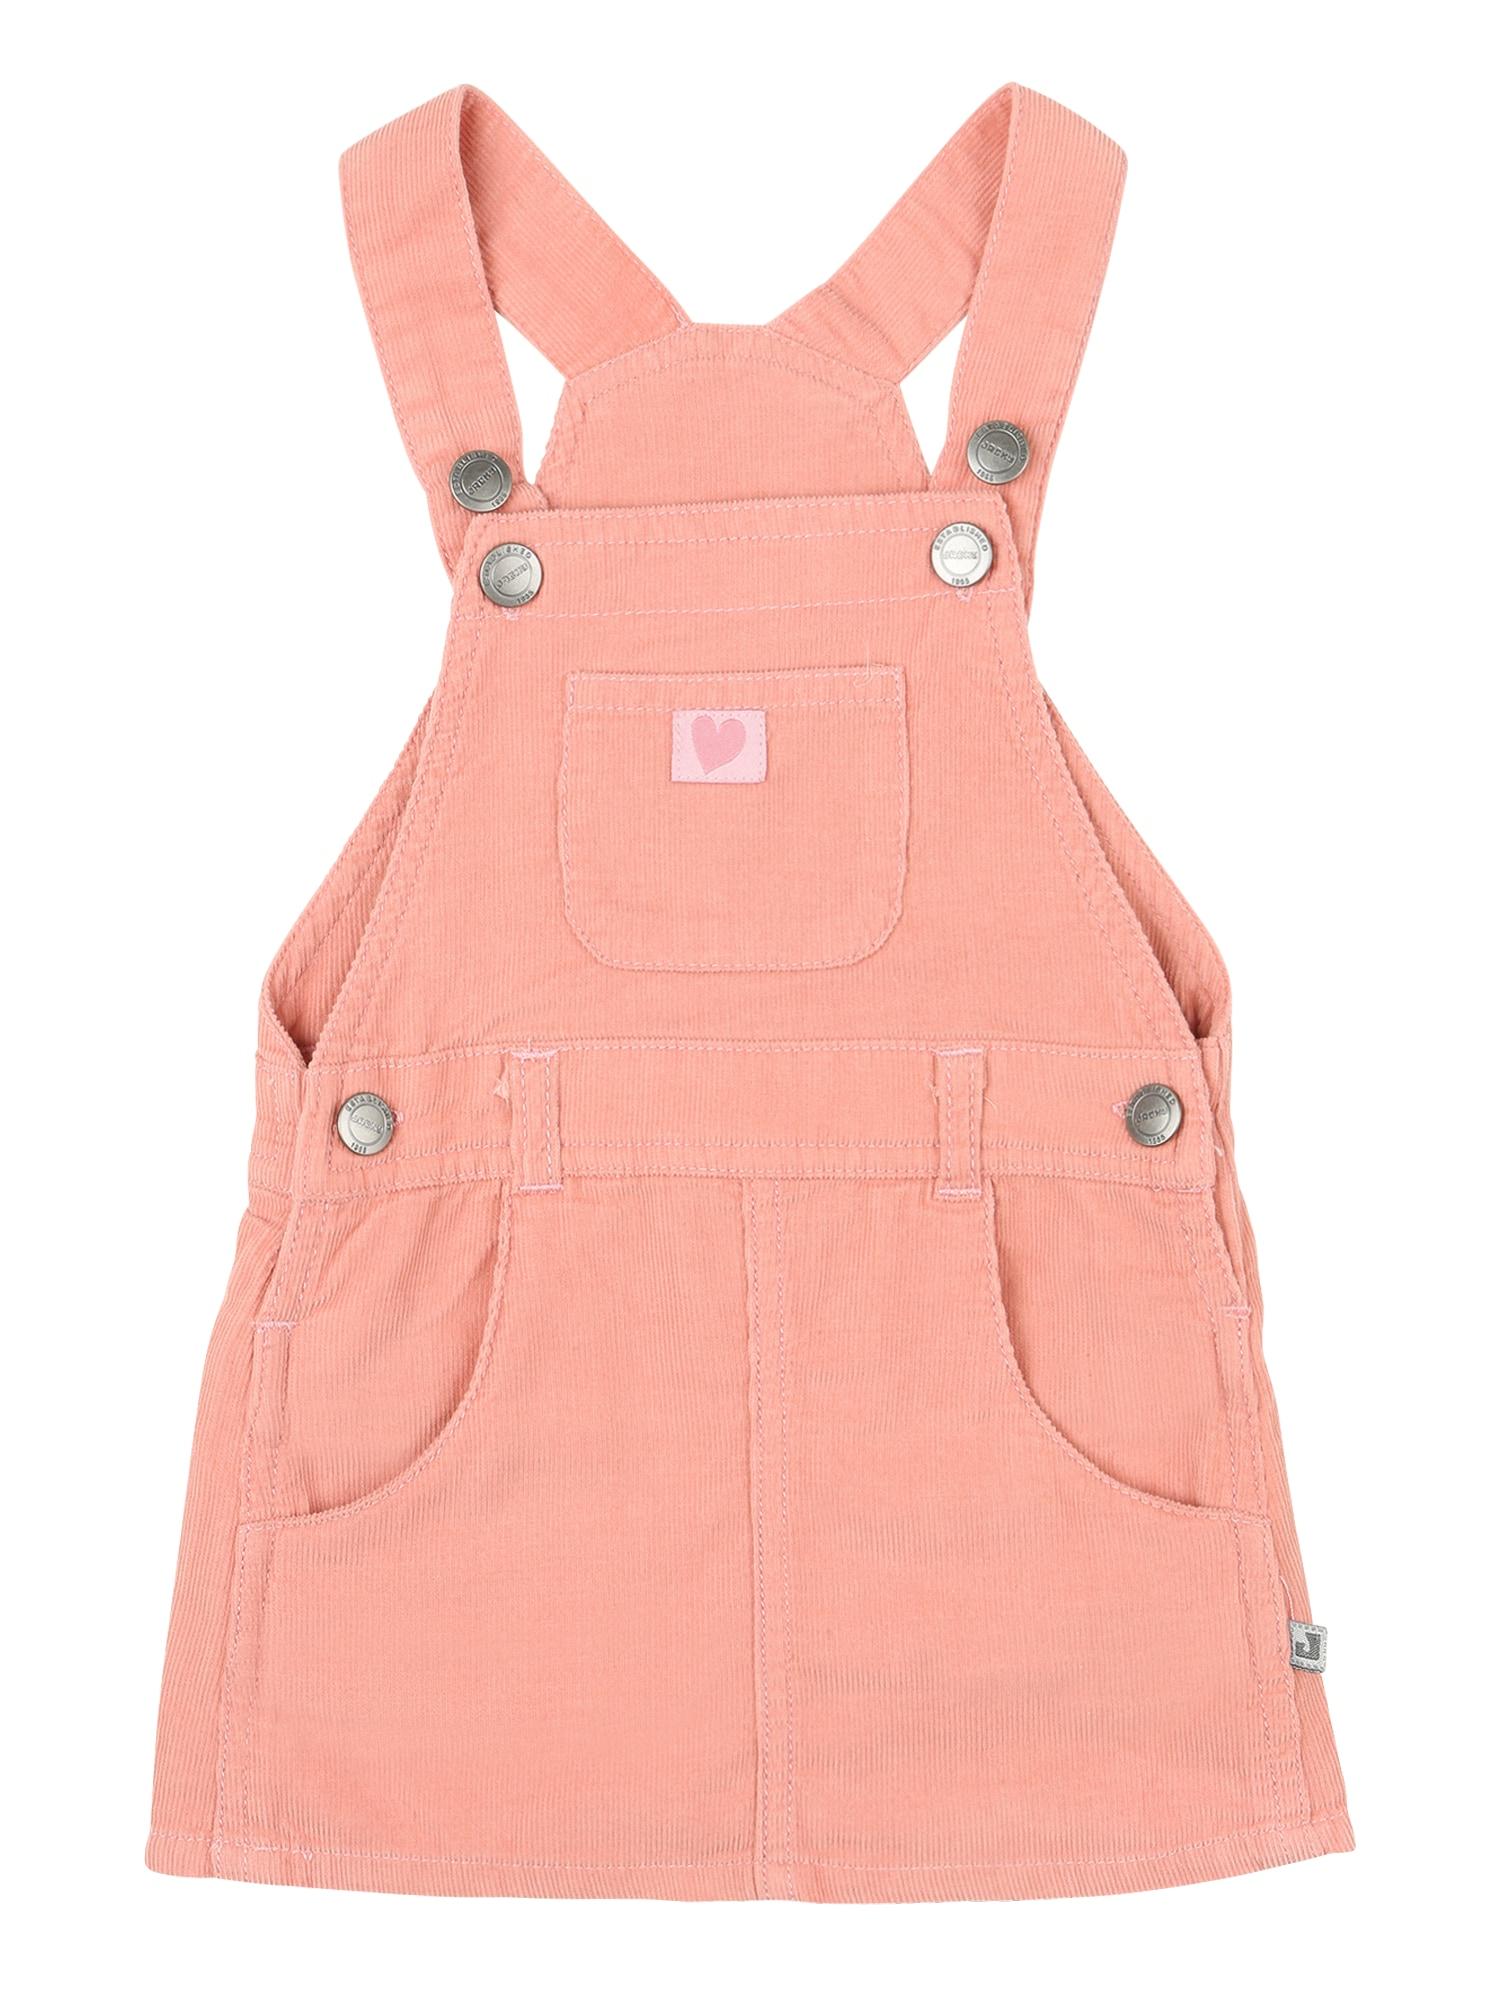 JACKY Suknelė 'Panda Love' ryškiai rožinė spalva